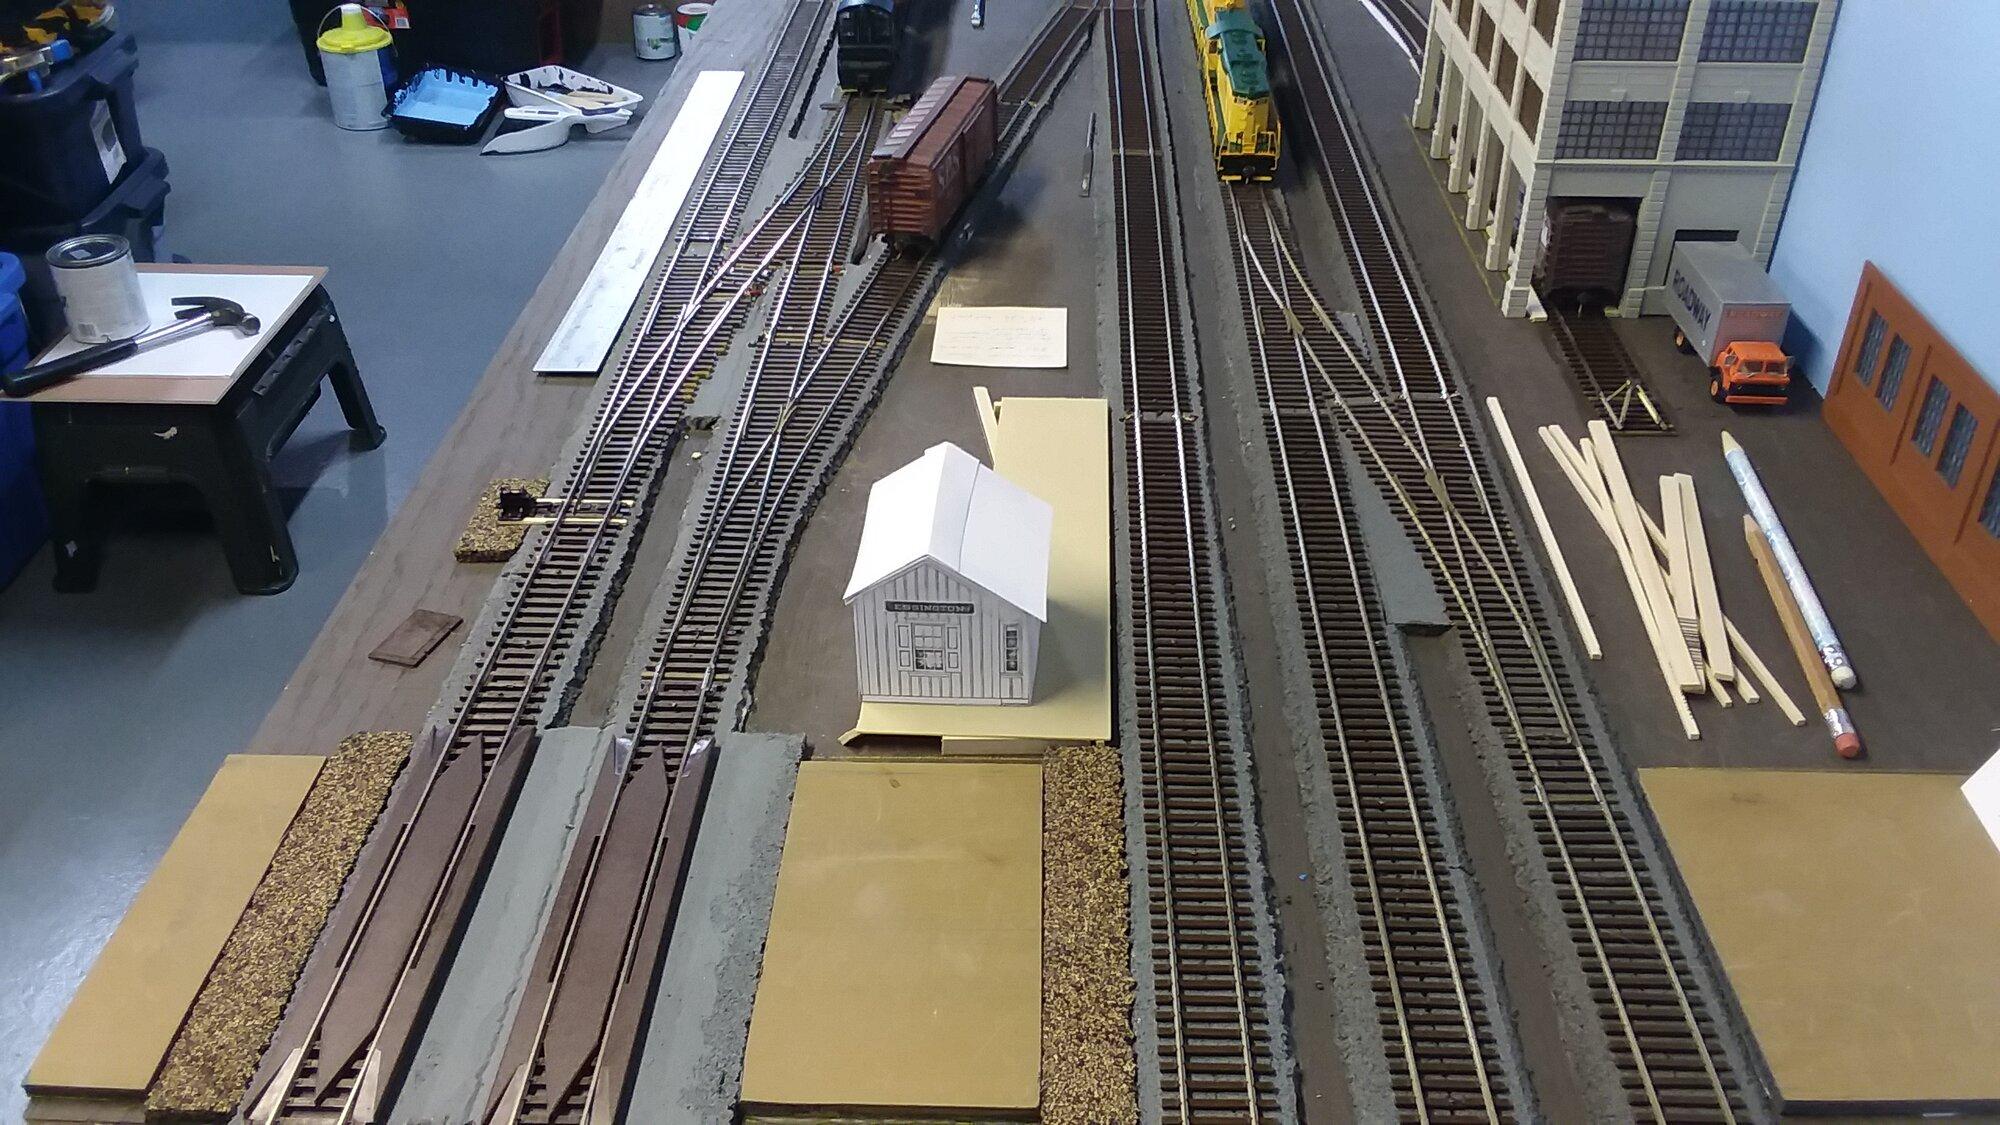 Essington  Station Mock-up 11-18-2020.jpg